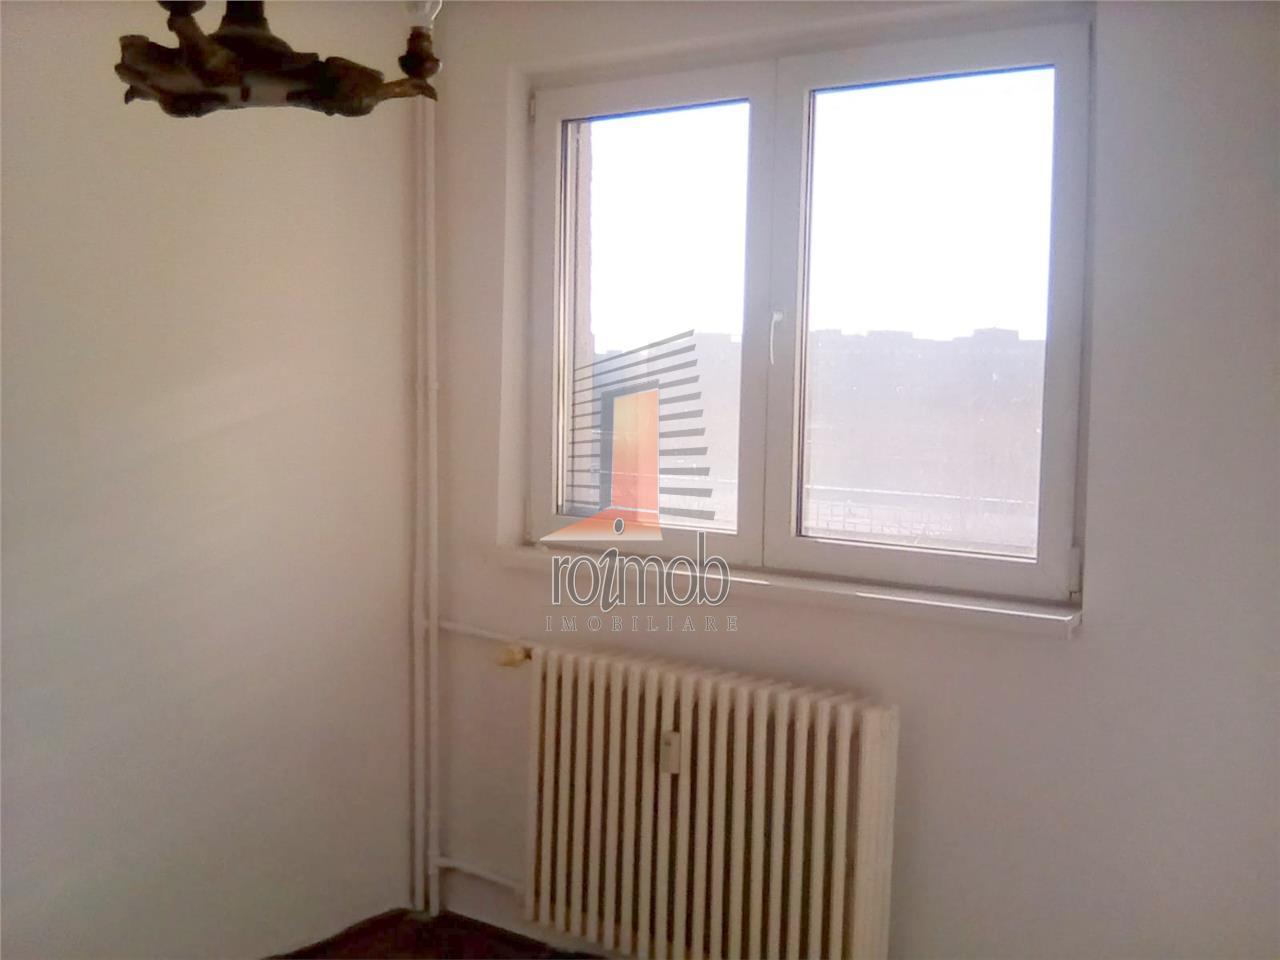 Vanzare apartament 3 camere, Drumul Taberei - Parc